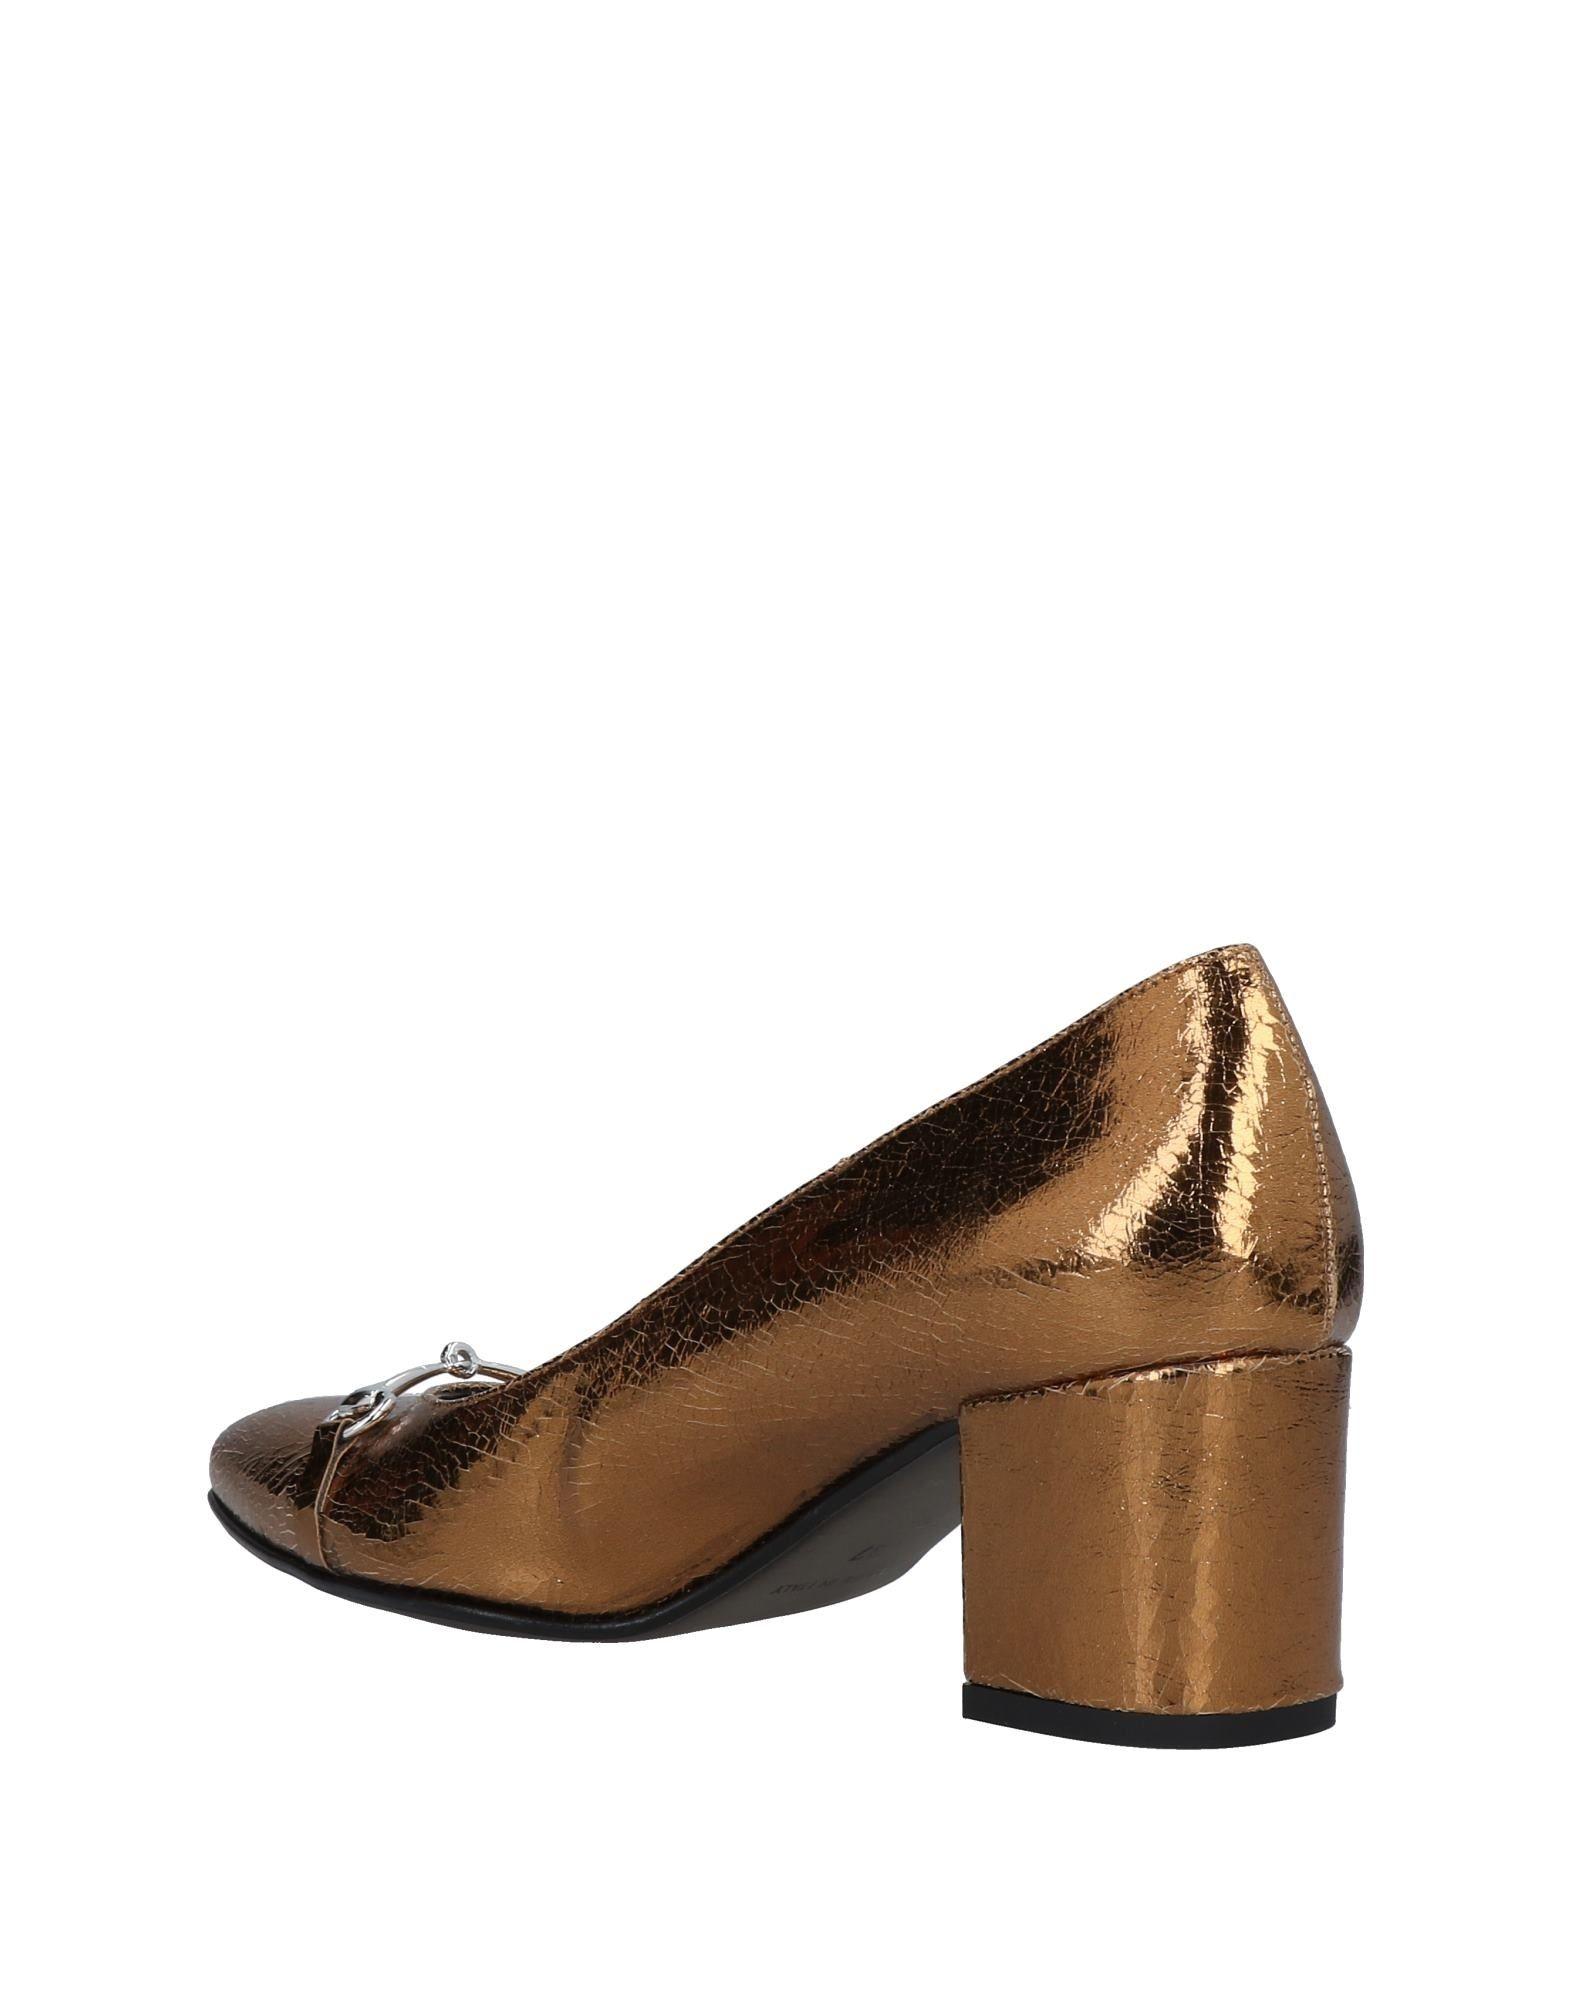 Nila & Nila Pumps Schuhe Damen  11474919RJ Neue Schuhe Pumps b38317